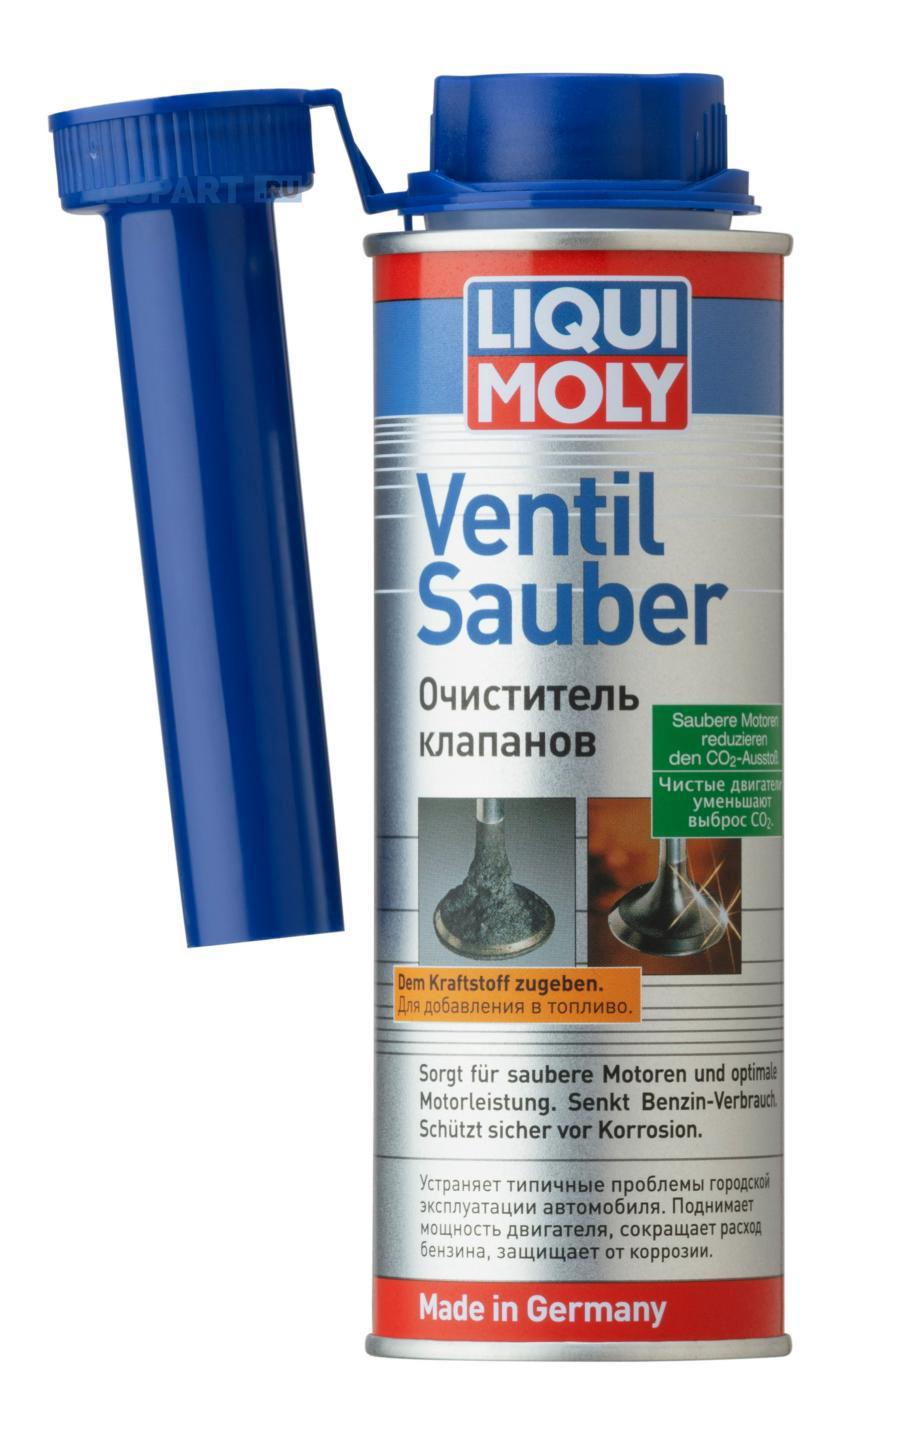 Очиститель клапанов Ventil Sauber (0,25л)